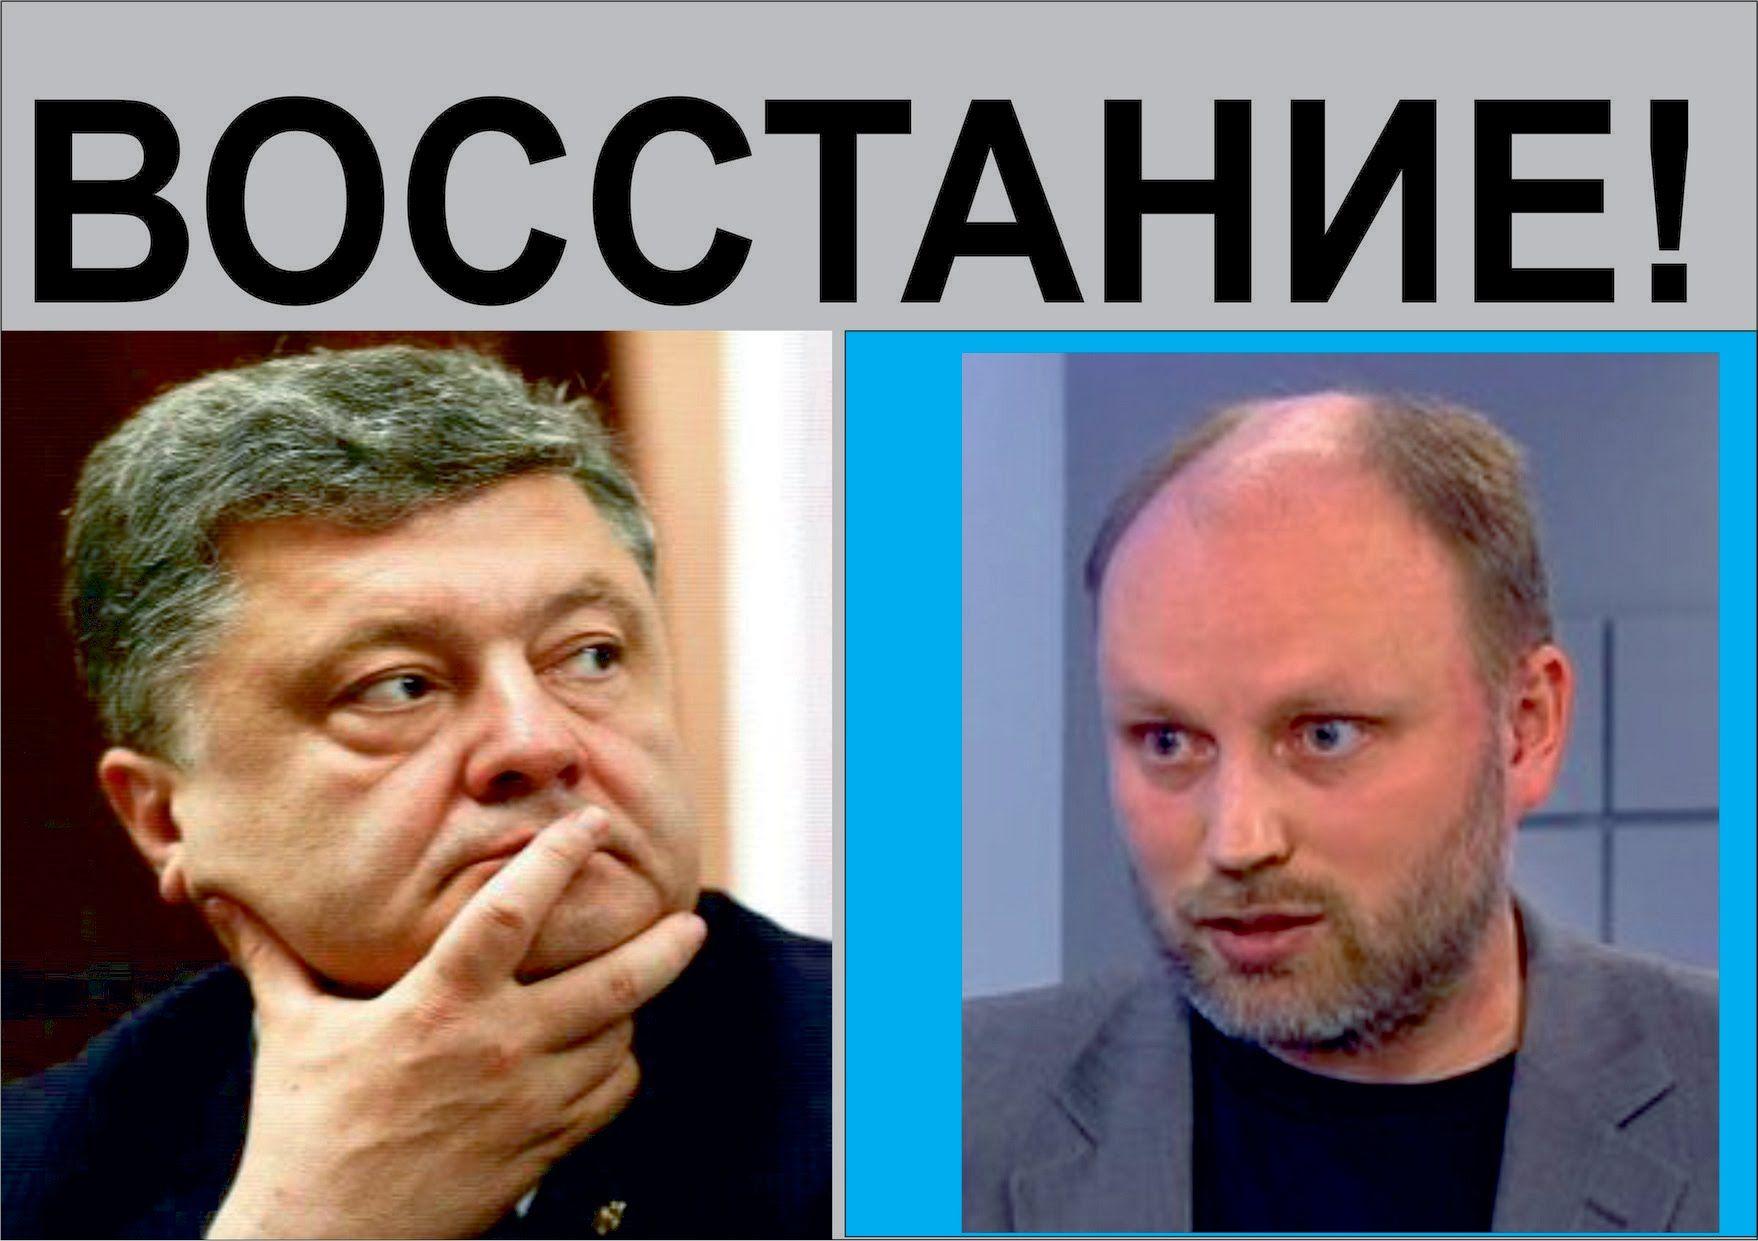 В ЗАПОРОЖЬЕ готовится ВОССТАНИЕ! - РОГОВ Владимир